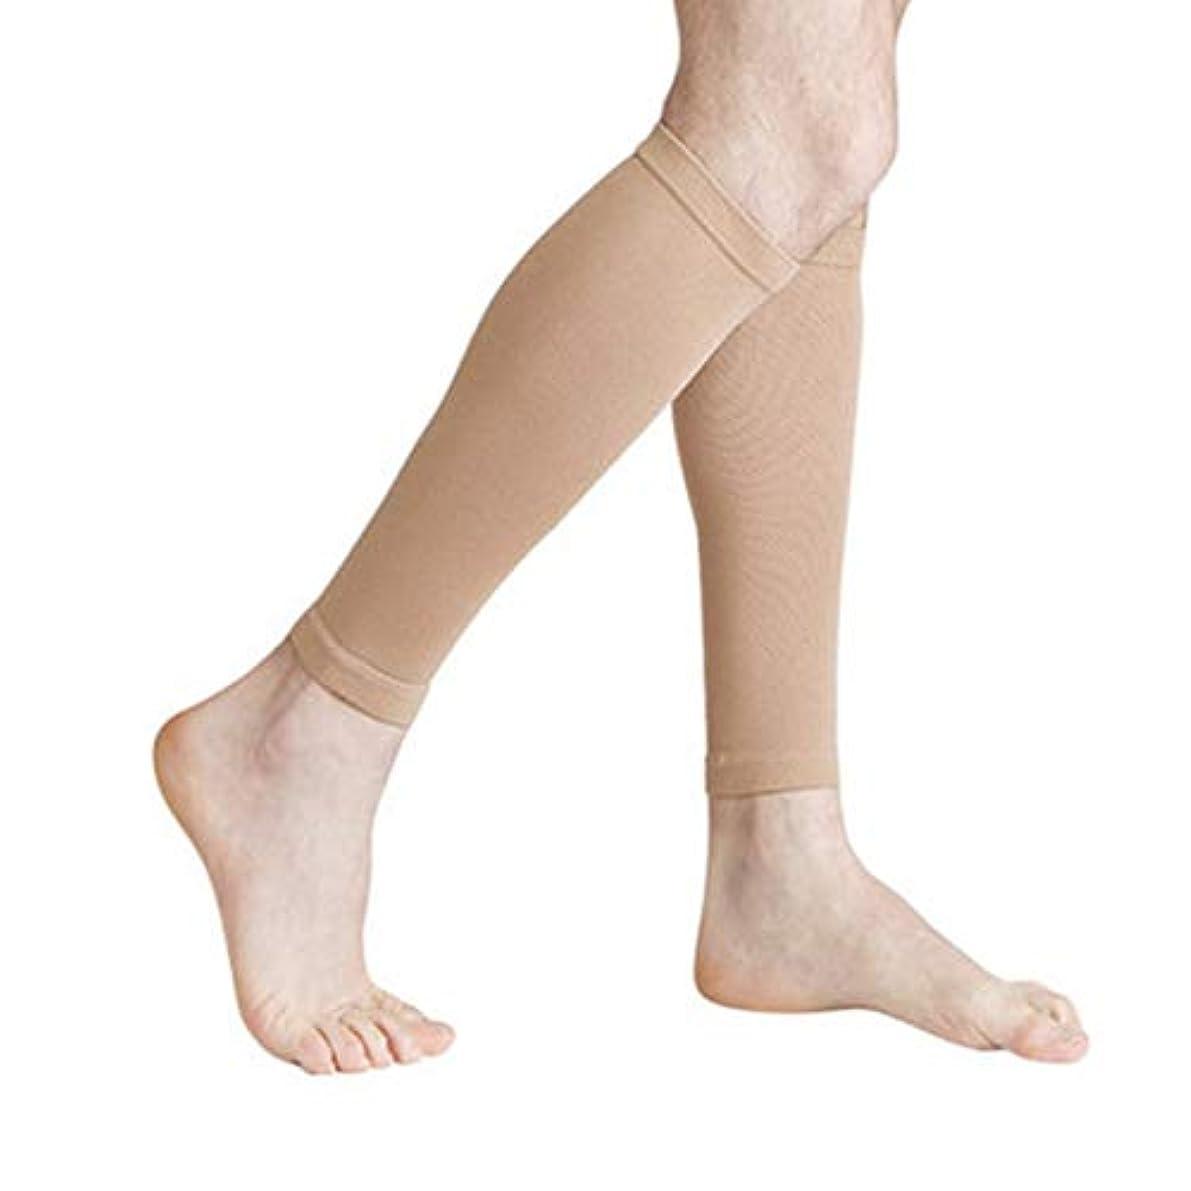 ゴール重なる担保丈夫な男性女性プロの圧縮靴下通気性のある旅行活動看護師用シントスプリントフライトトラベル - 肌色